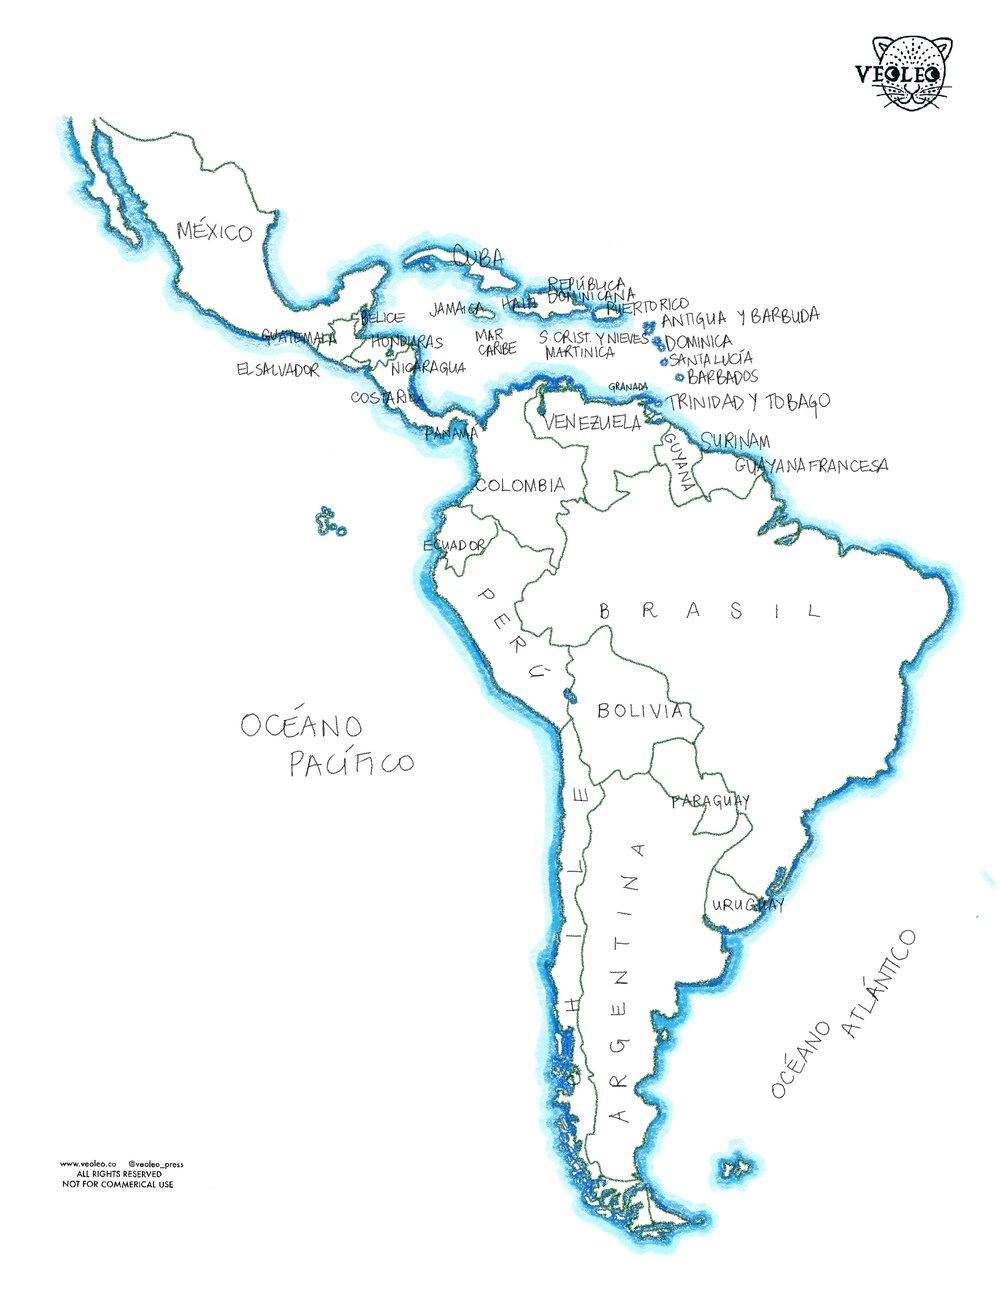 Mapa Latinoamerica Y El Caribe Coloring Sheets Veoleo